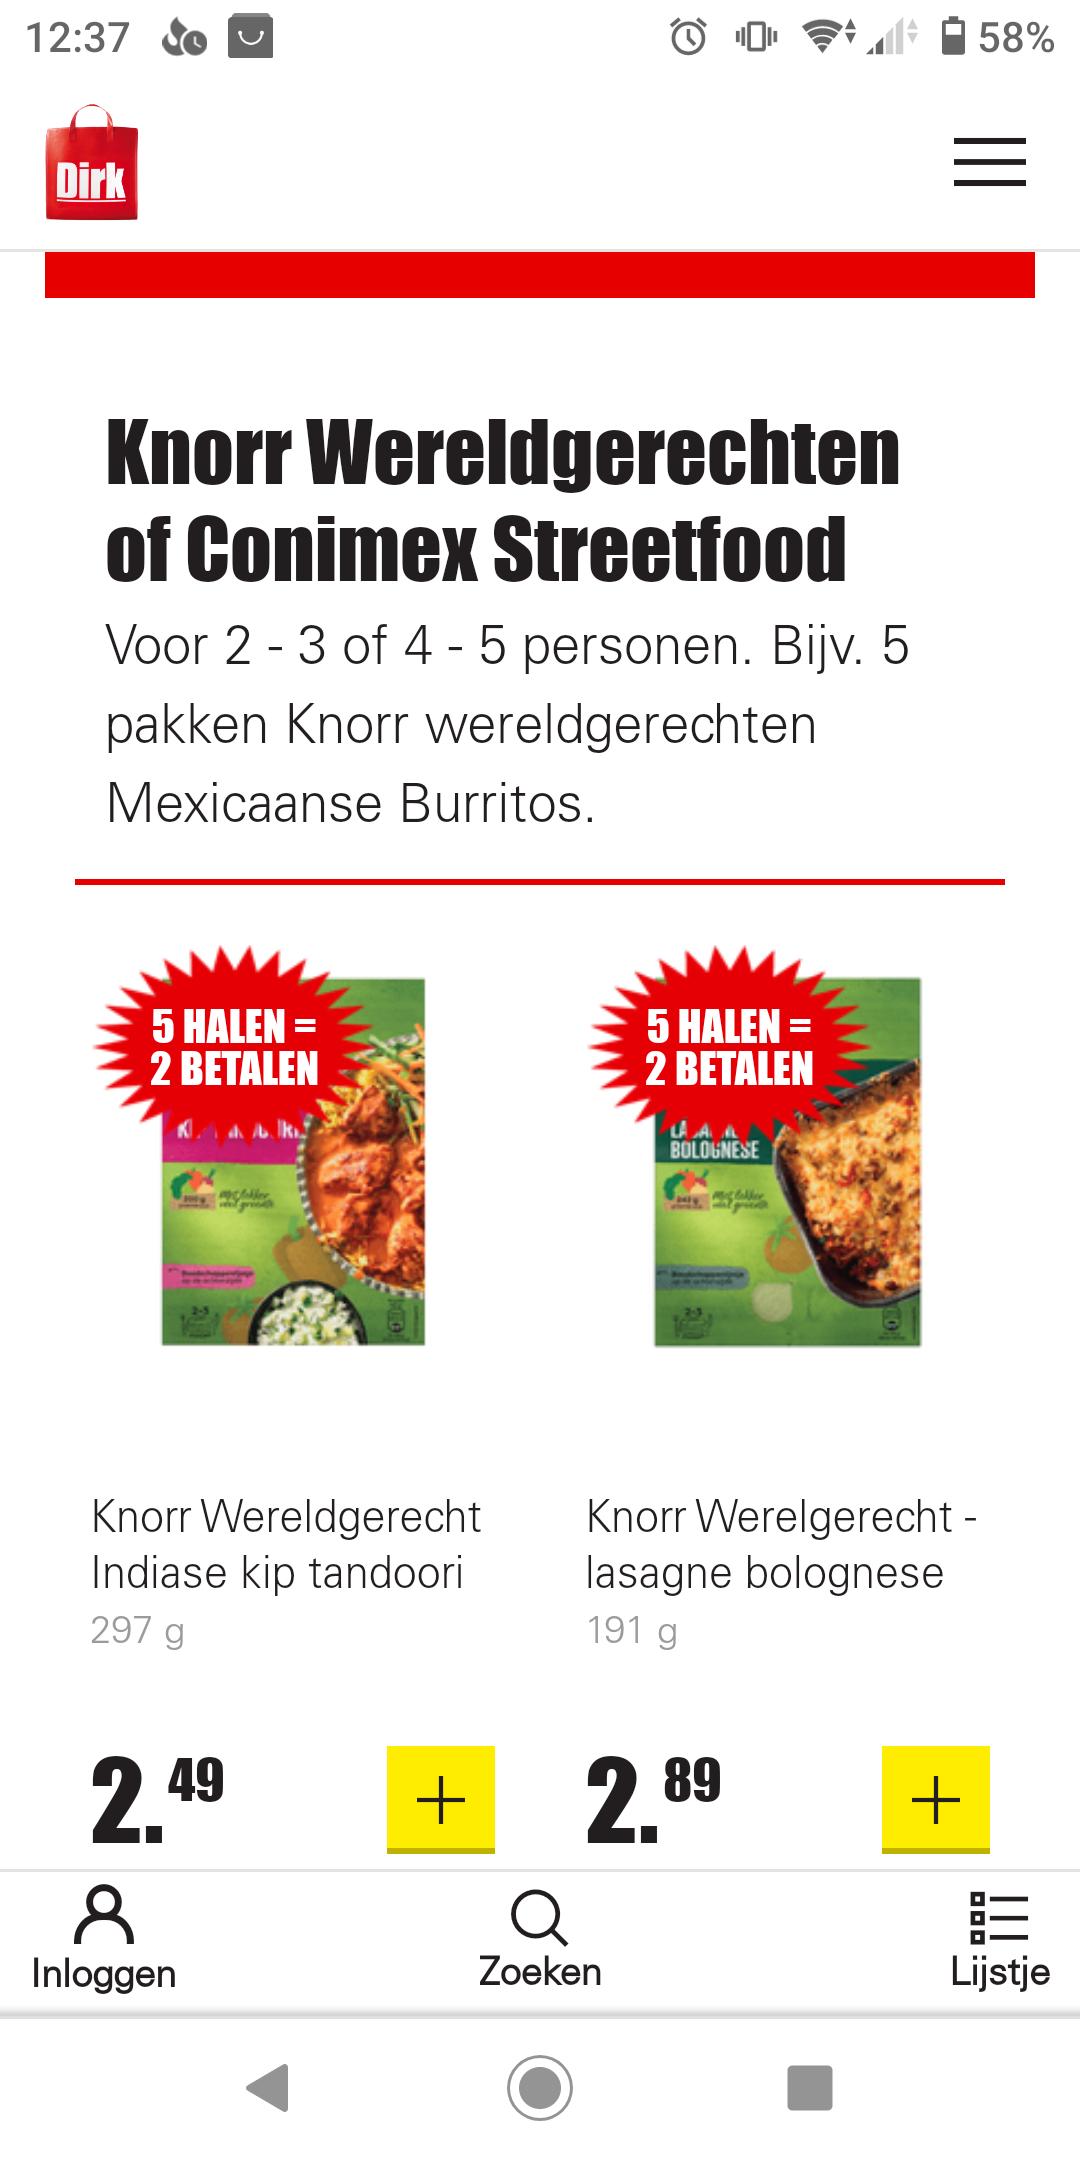 Knorr Wereldgerechten en Conimex Streetfood, 5 halen 2 betalen @ Dirk